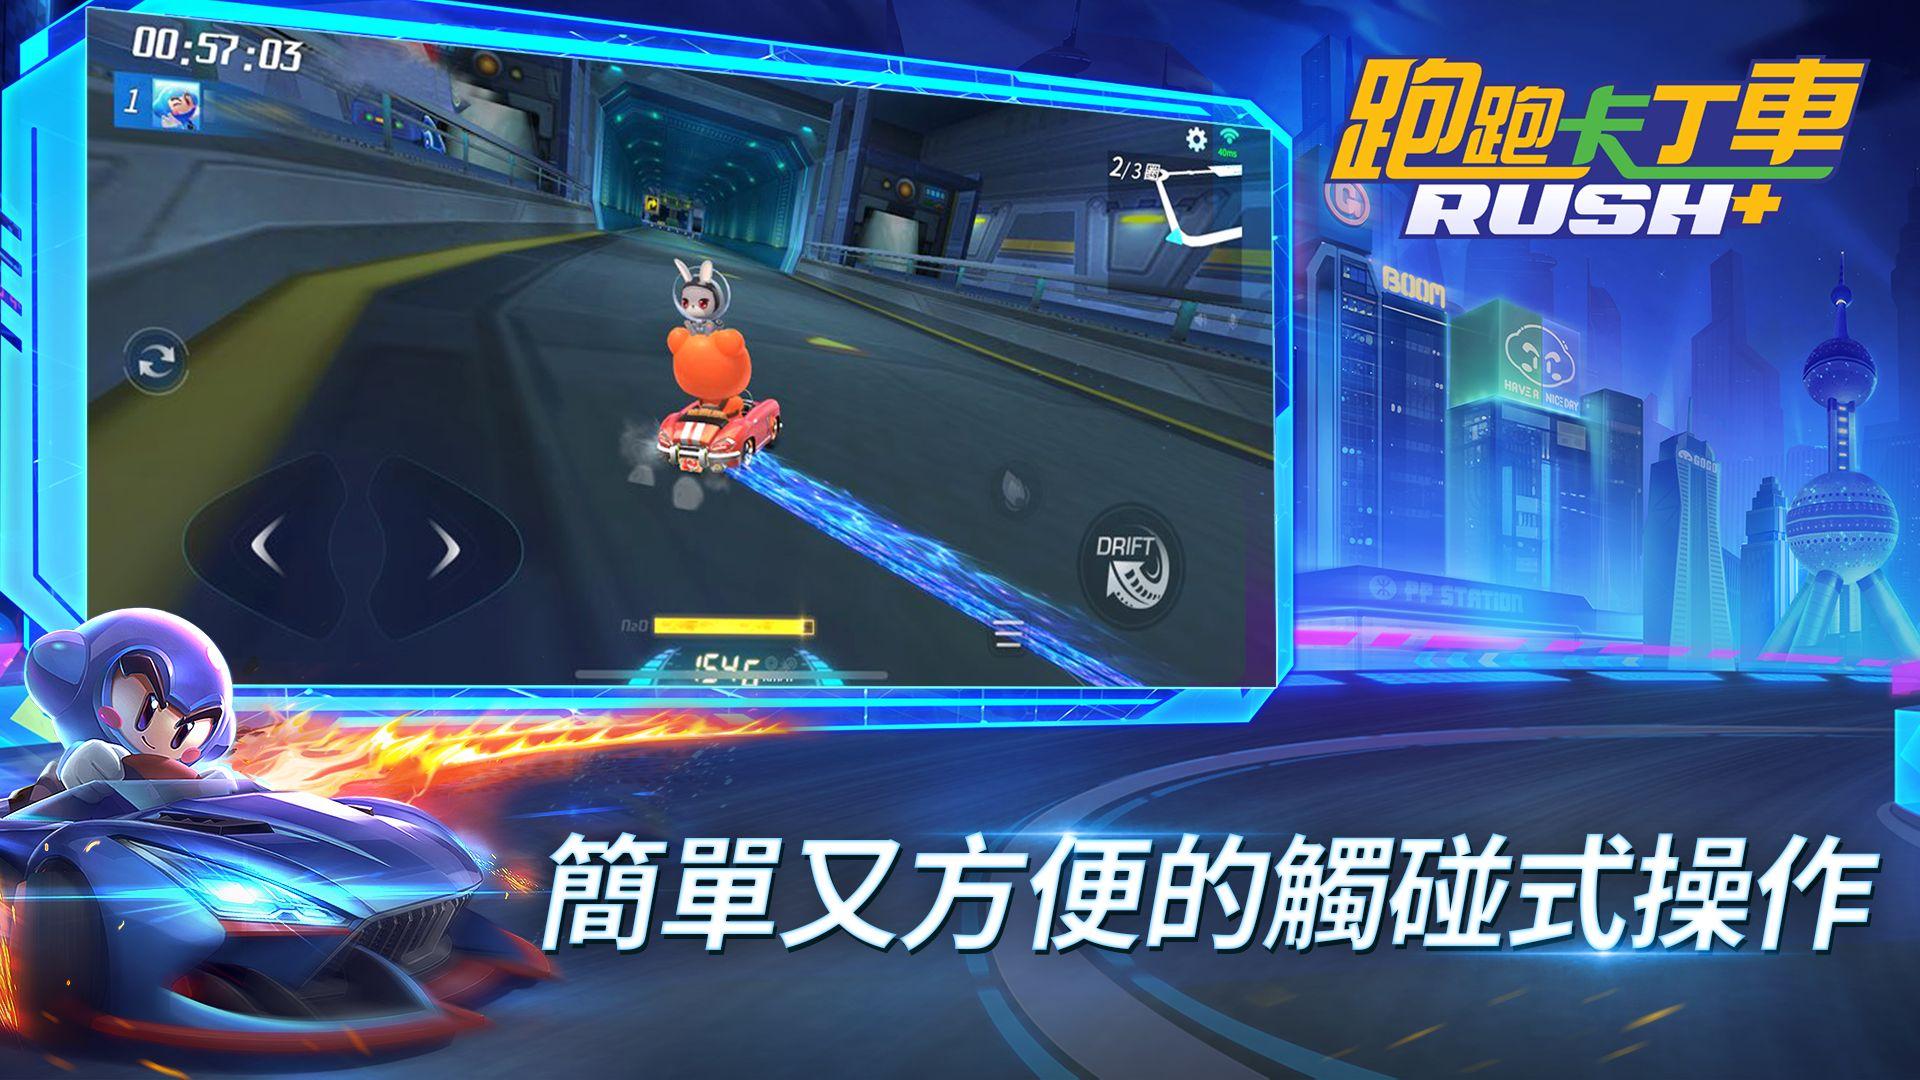 跑跑卡丁车 Rush+ 游戏截图2